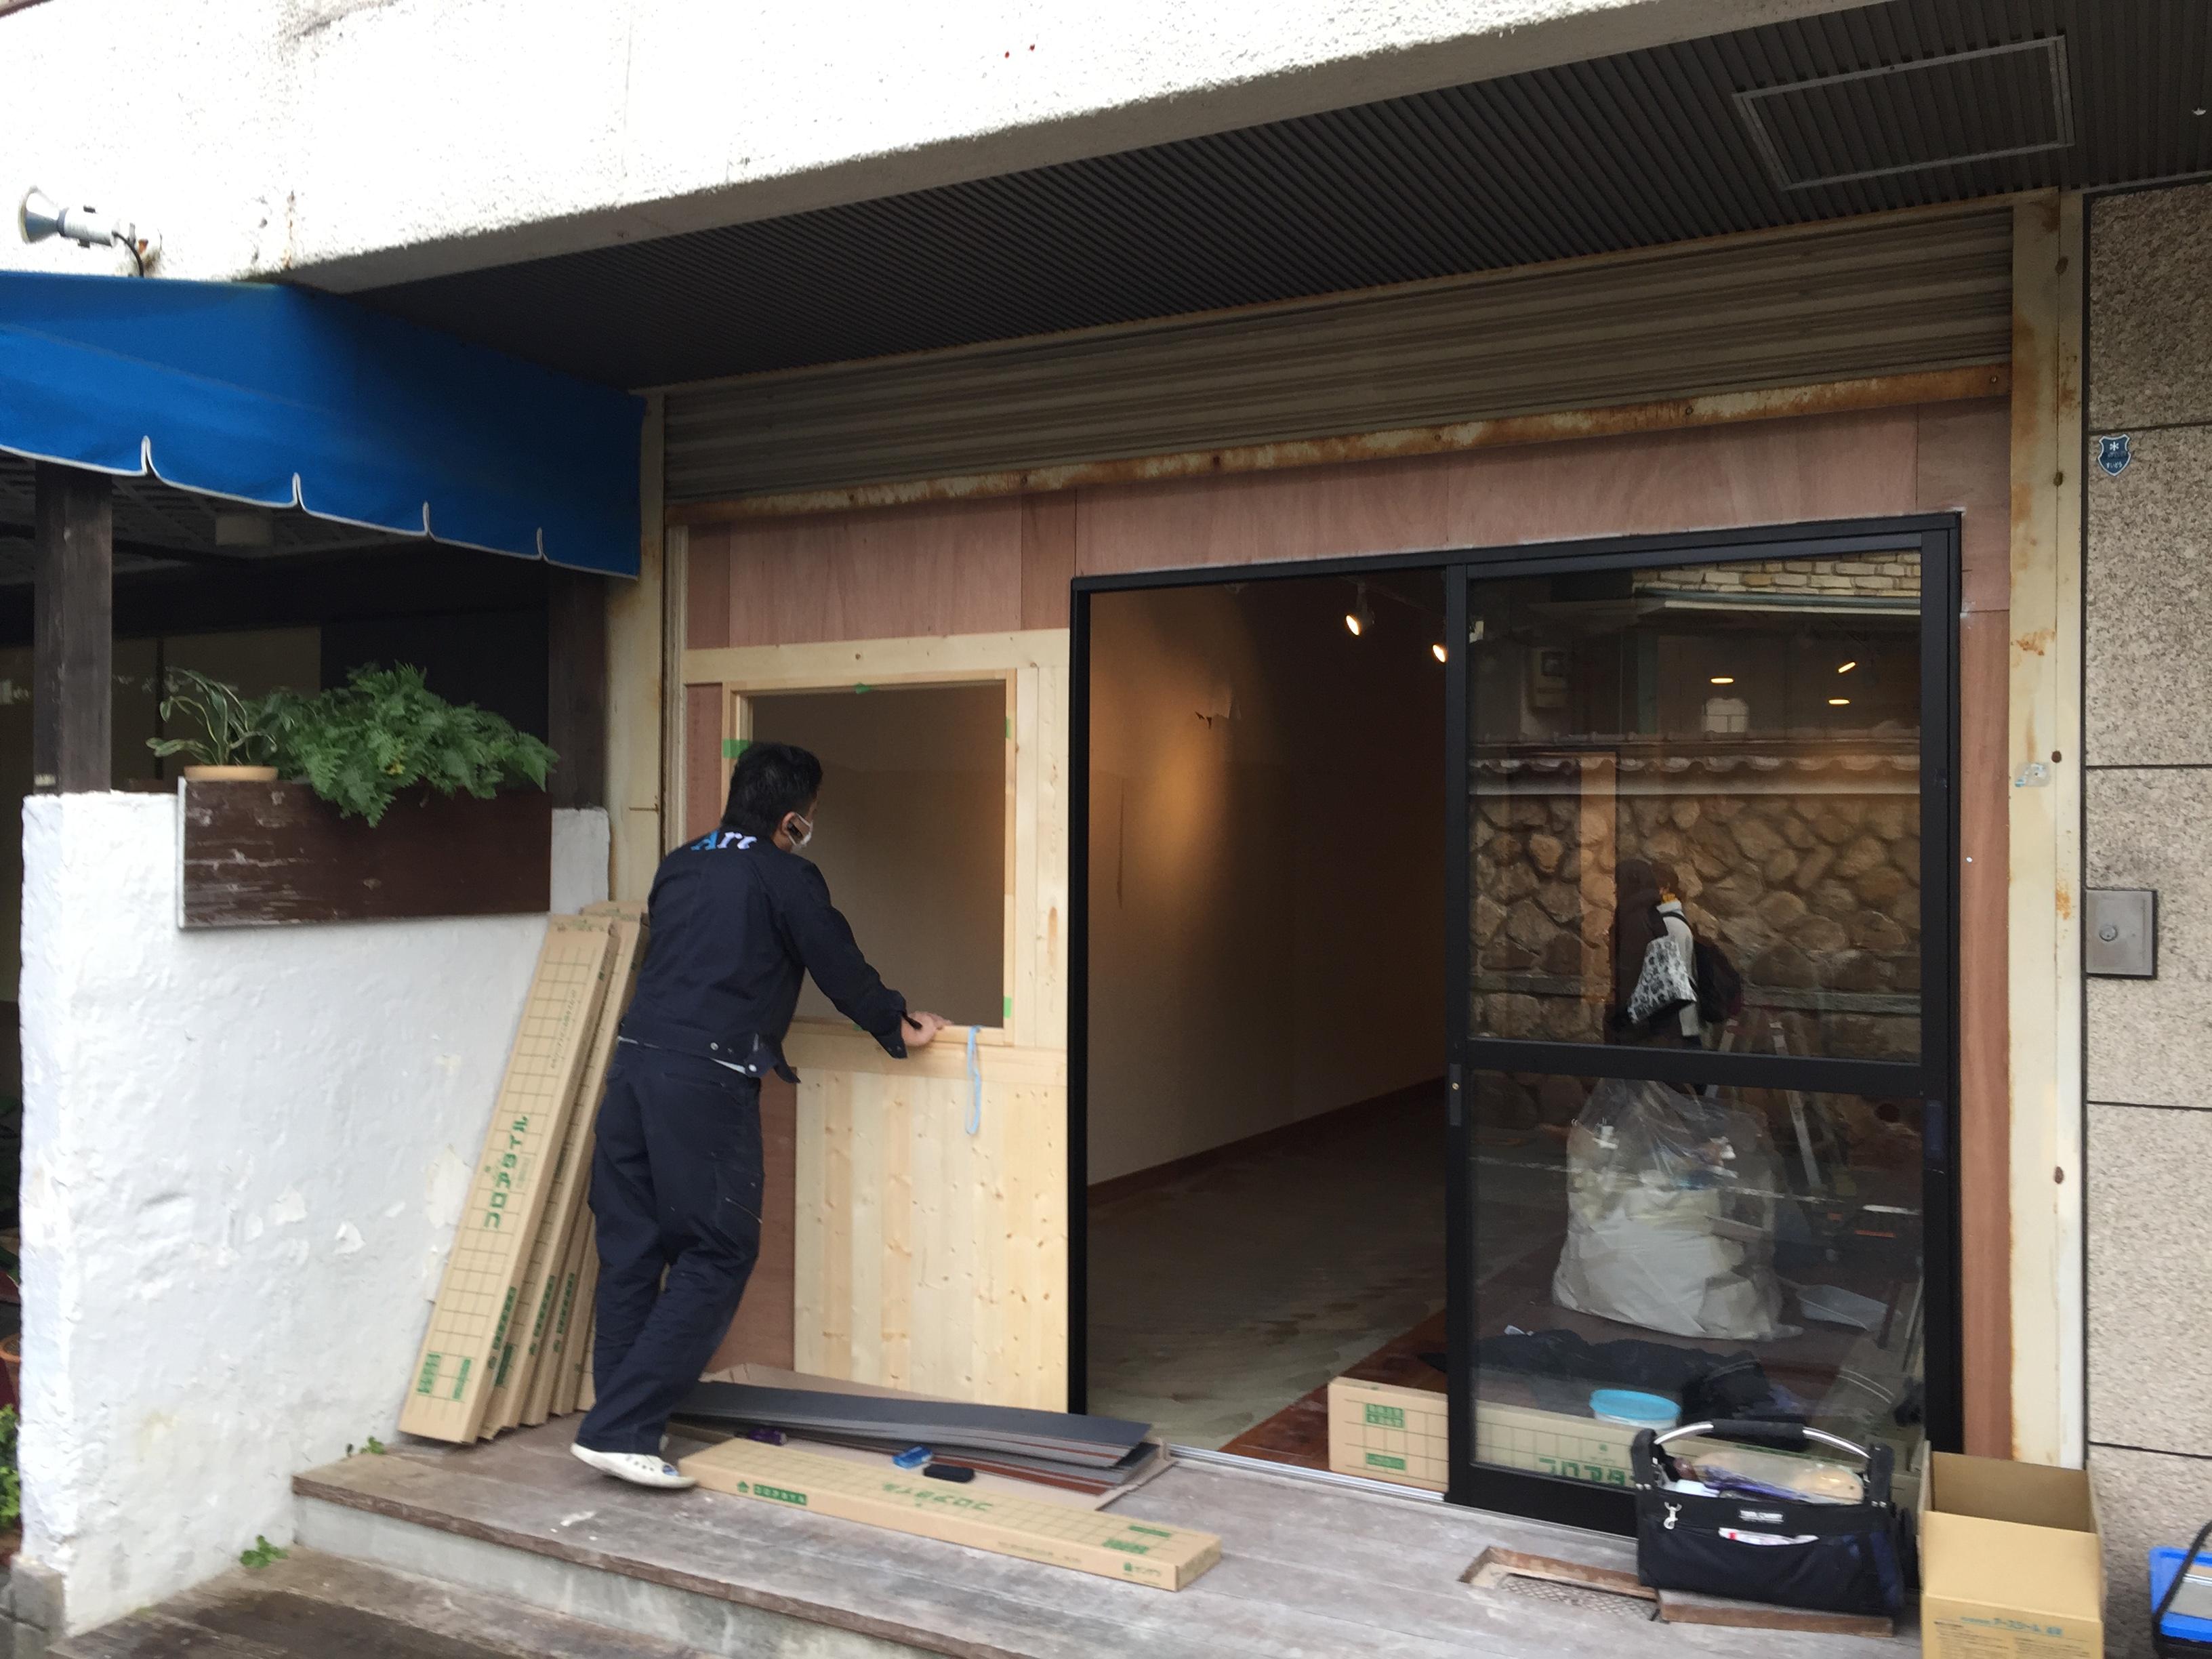 神戸・岡本のJAZZカフェ「Gallery Birdland(ギャラリーバードランド)」が閉店してた【閉店お知らせ】